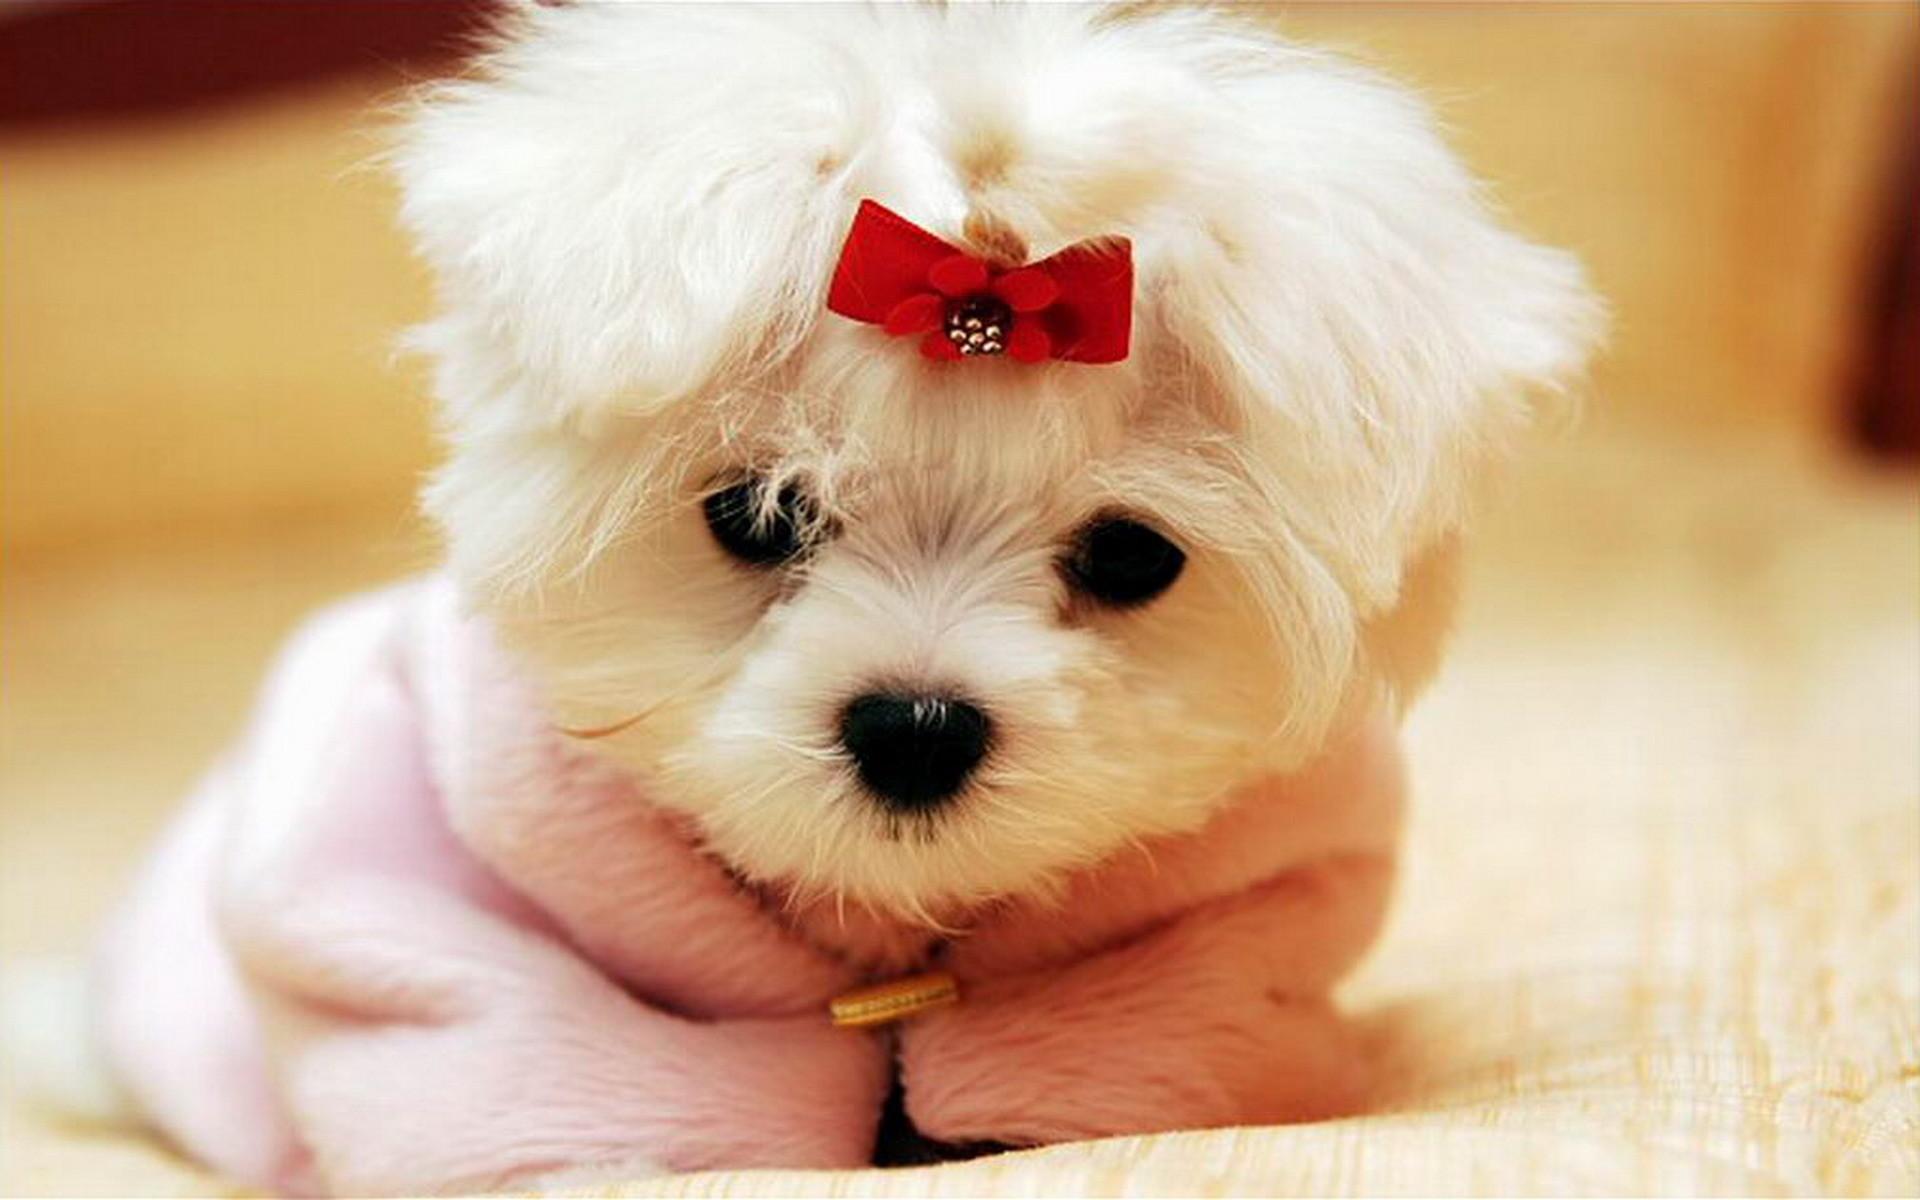 Cute Dogs wallpaper x